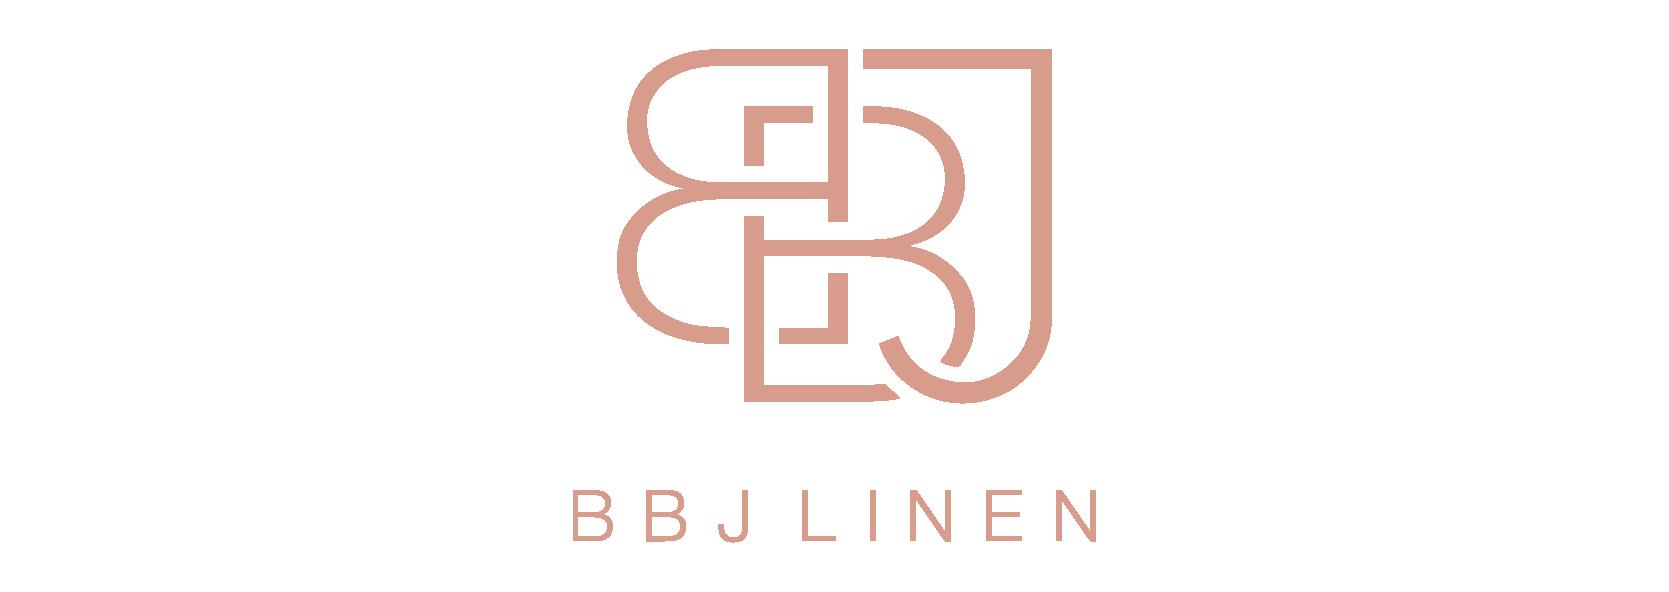 sponsors_bj linen.png